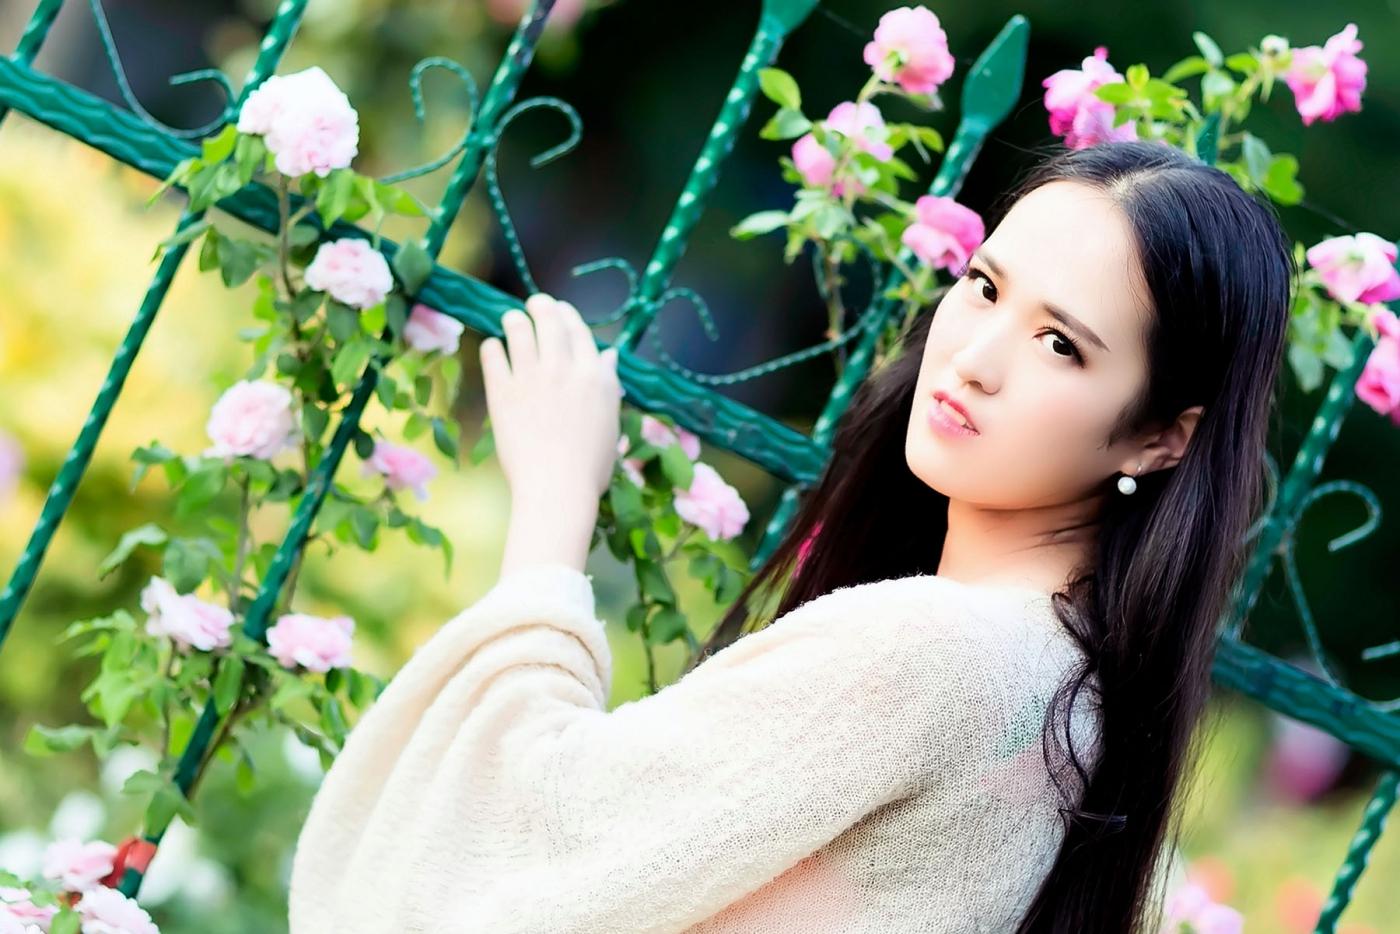 蔷薇·阳光·女孩 去见你想见的人吧_图1-9